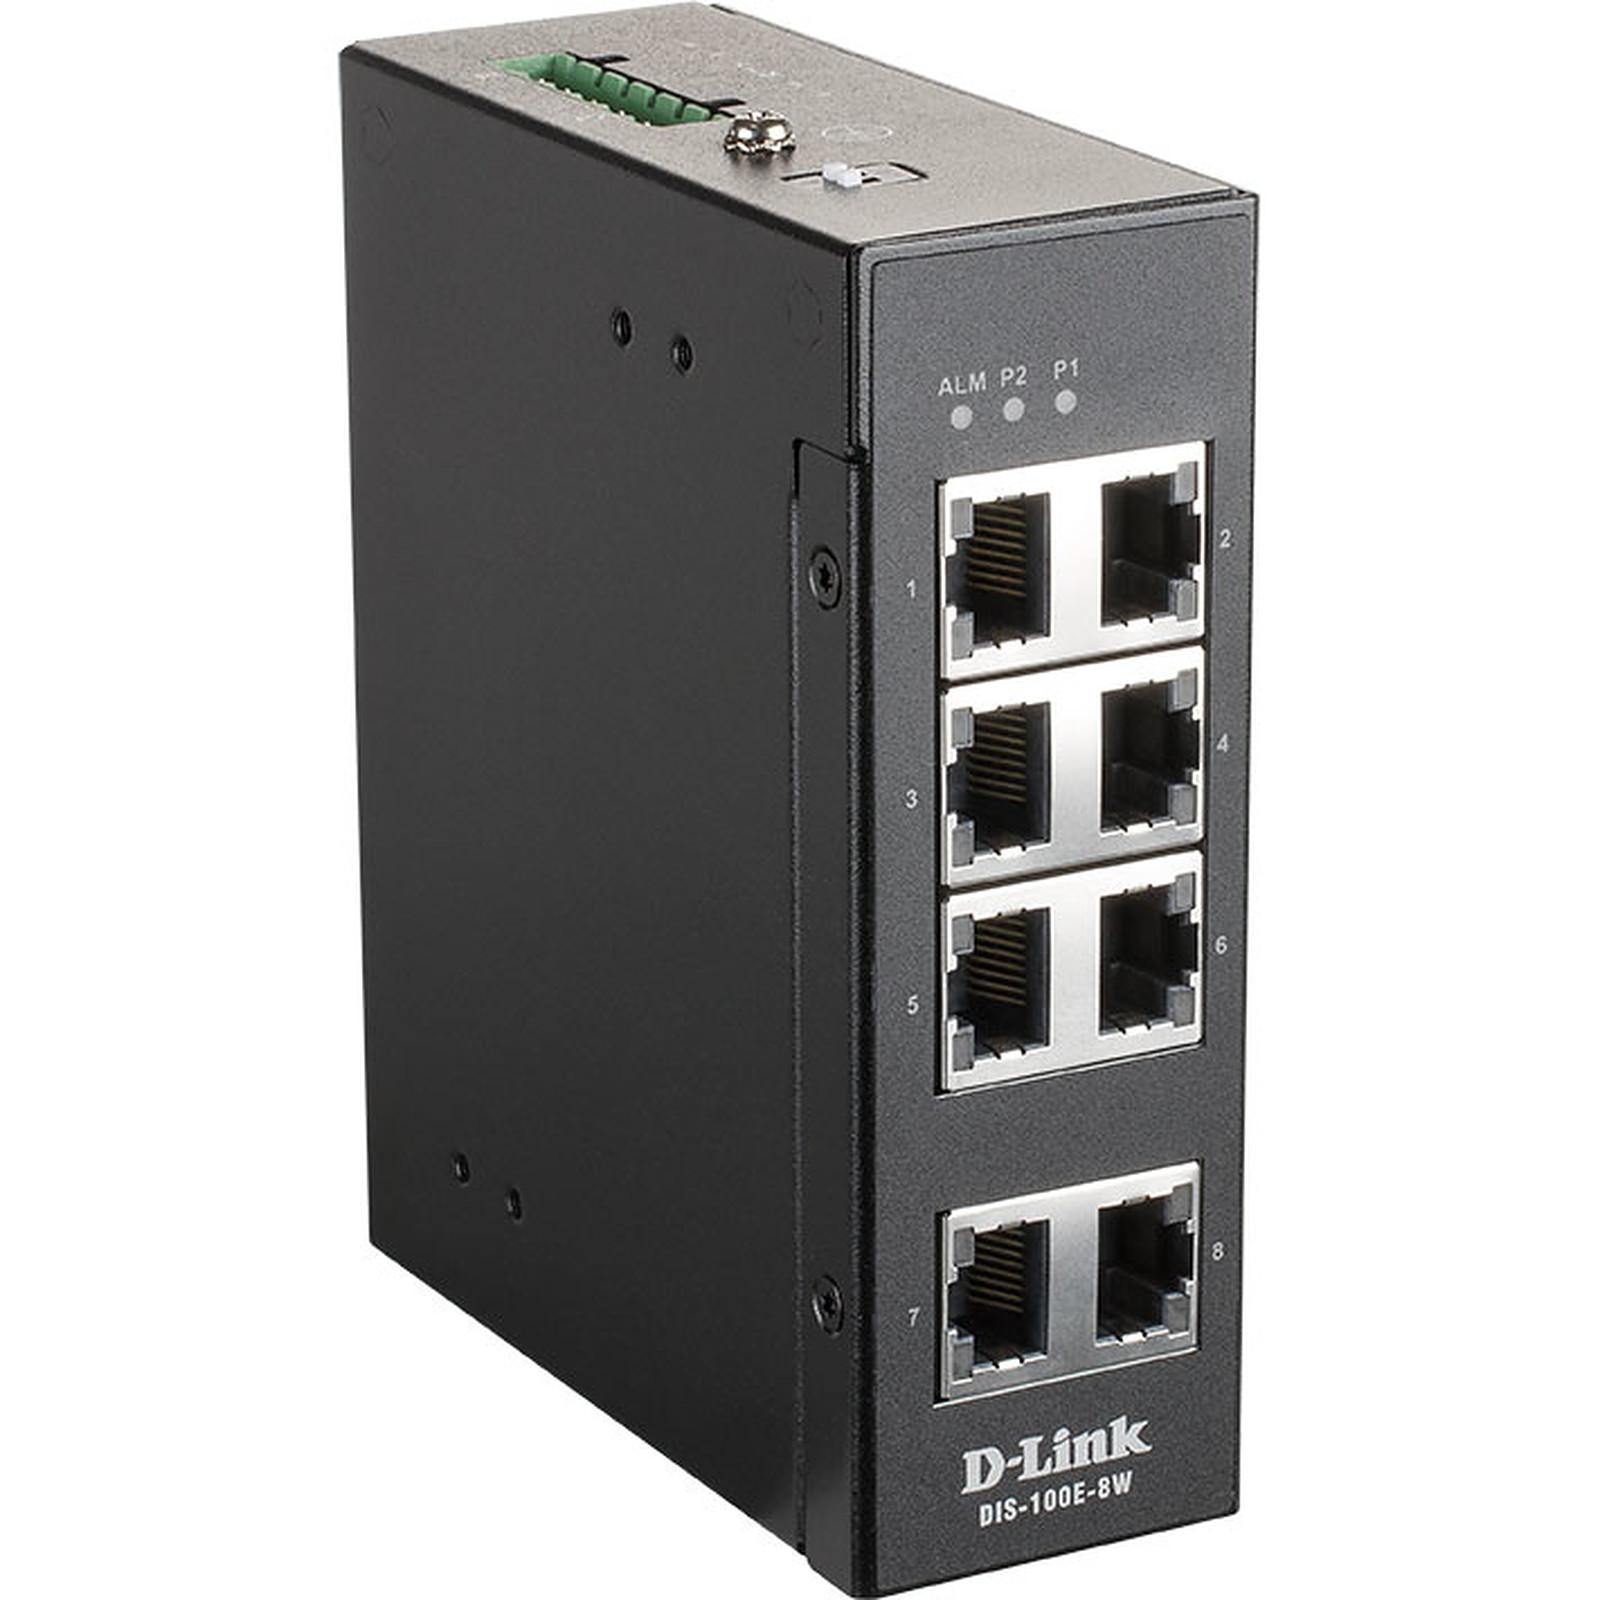 D-Link DIS-100E-8W